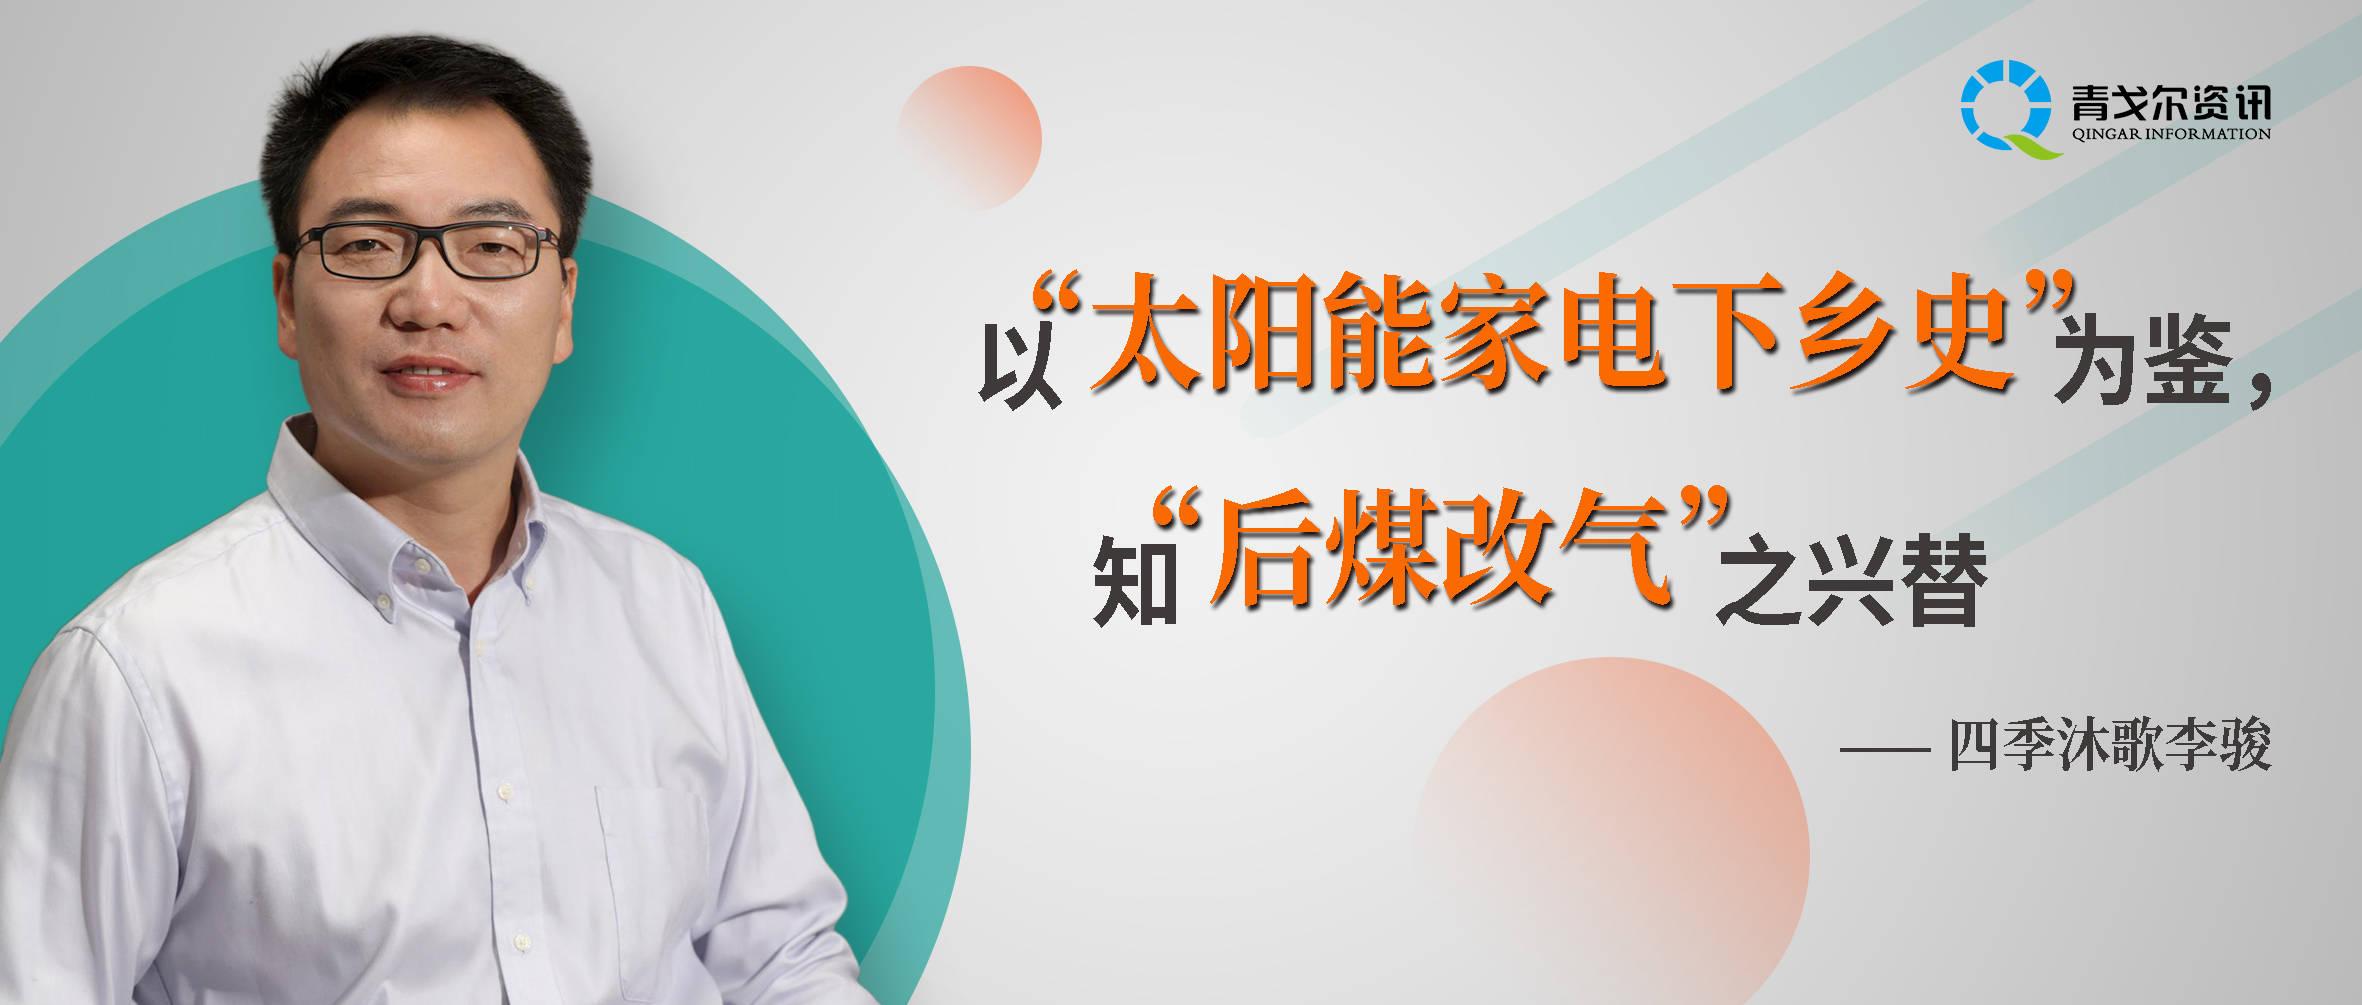 """四季沐歌李骏:以""""太阳能家电下乡史""""为鉴,知""""后煤改气""""之兴替"""